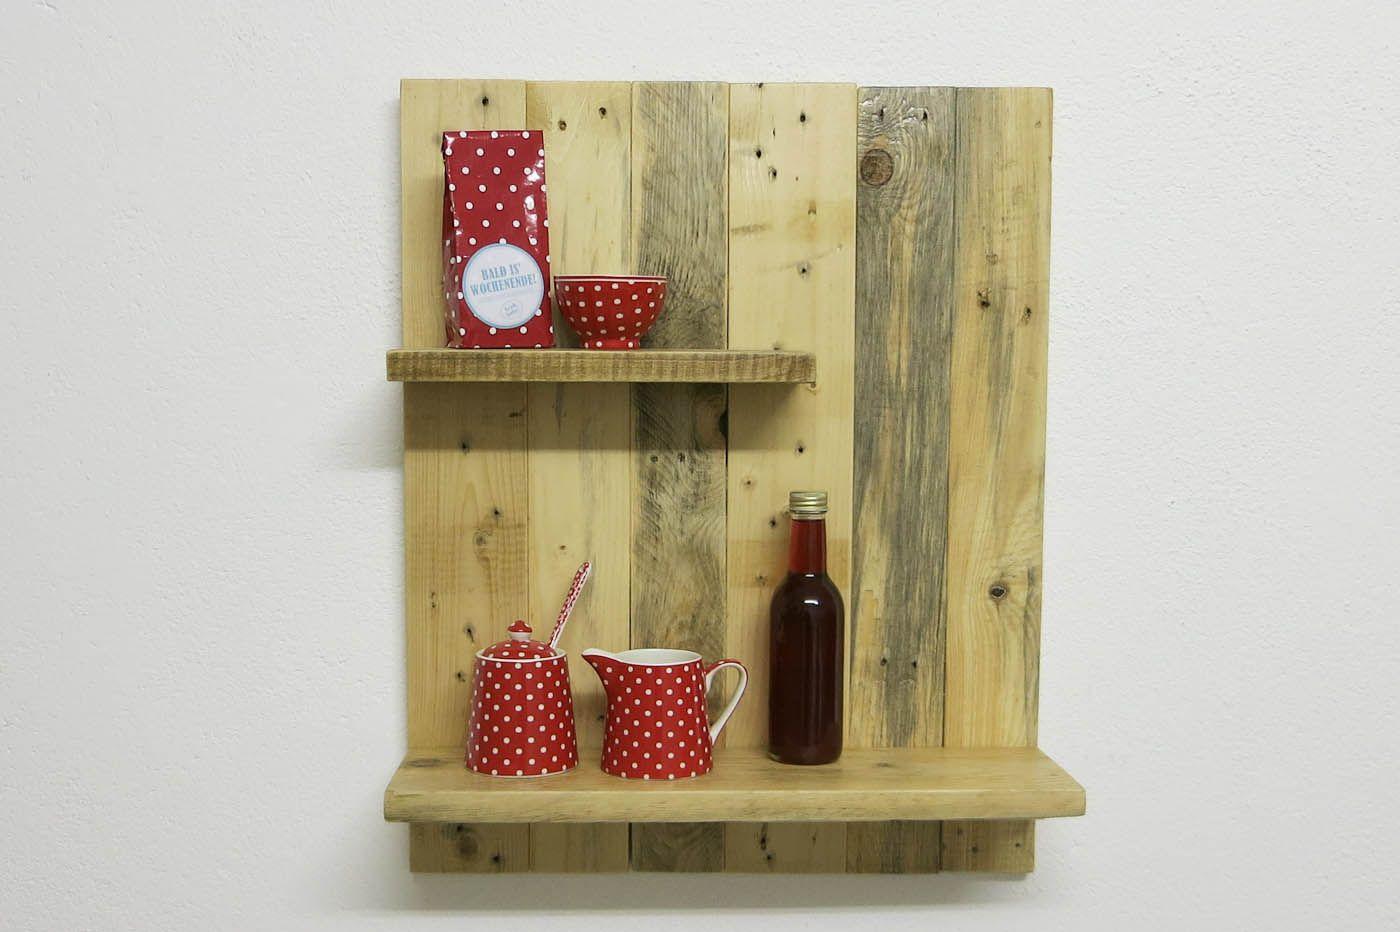 Handgefertigtes Altholz Küchenregal aus Palettenholz. Bewusst ...